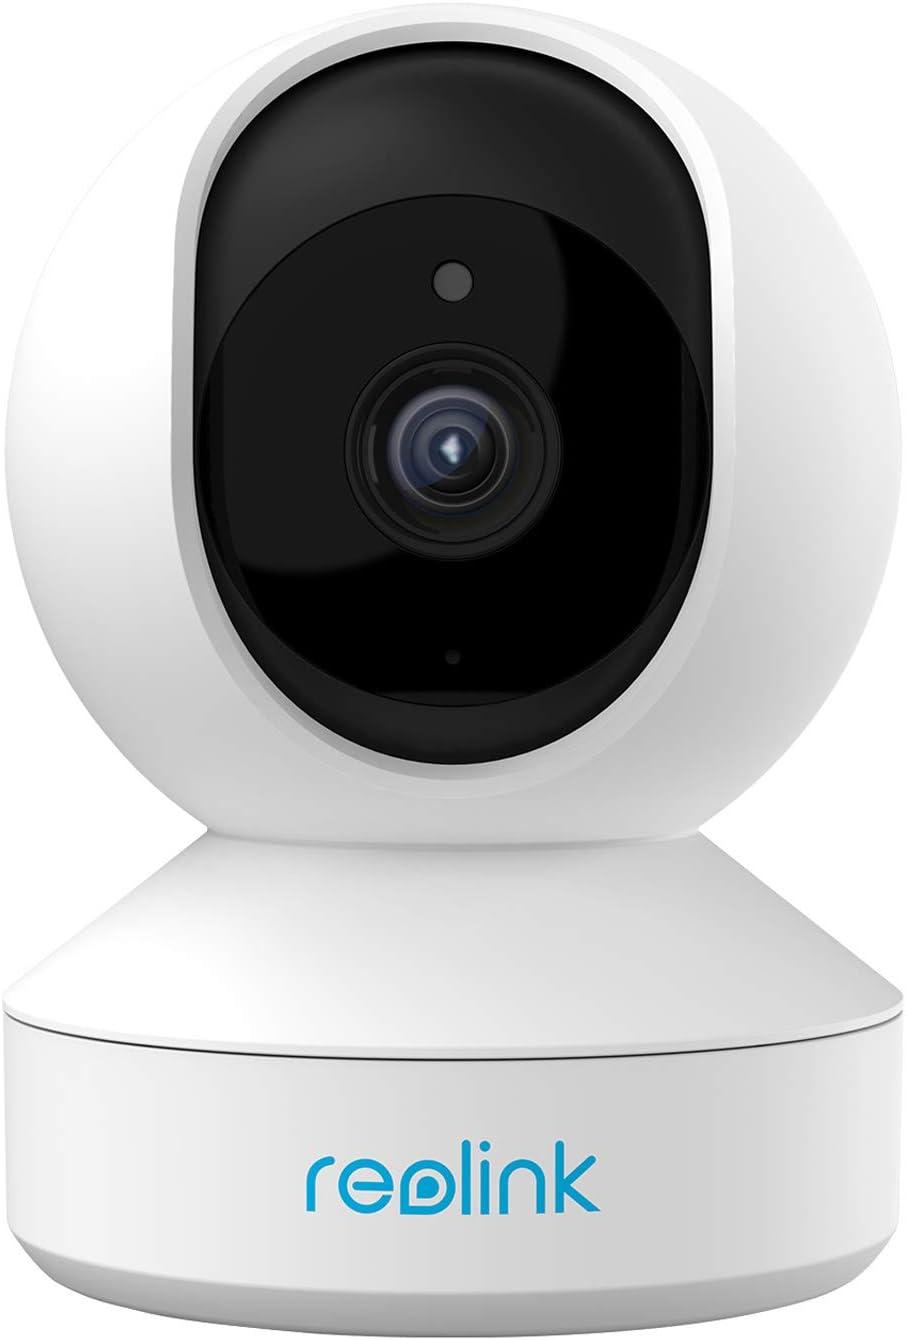 Reolink 5MP PTZ Caméra de Surveillance WiFi, Zoom Optique 3X, Bi-Bande 2,4GHz/5GHz...